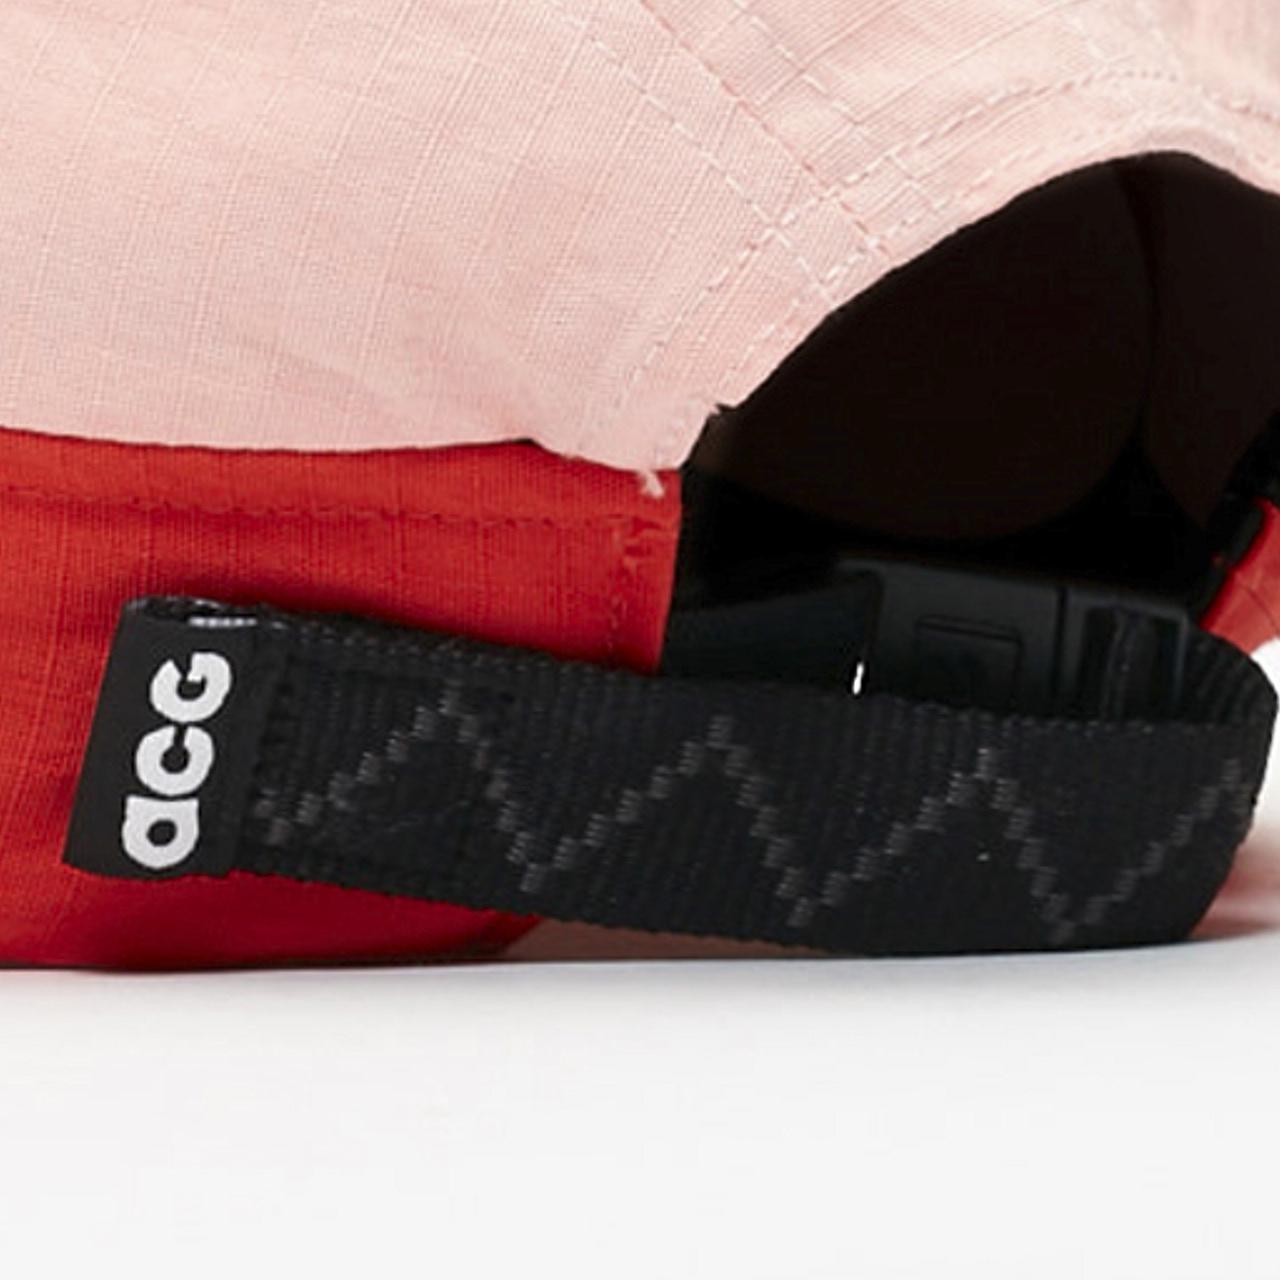 773af40e7f059f Nike Tailwind Visor Cap ACG - Bv1049-634 - Sneakersnstuff   sneakers &  streetwear online since 1999